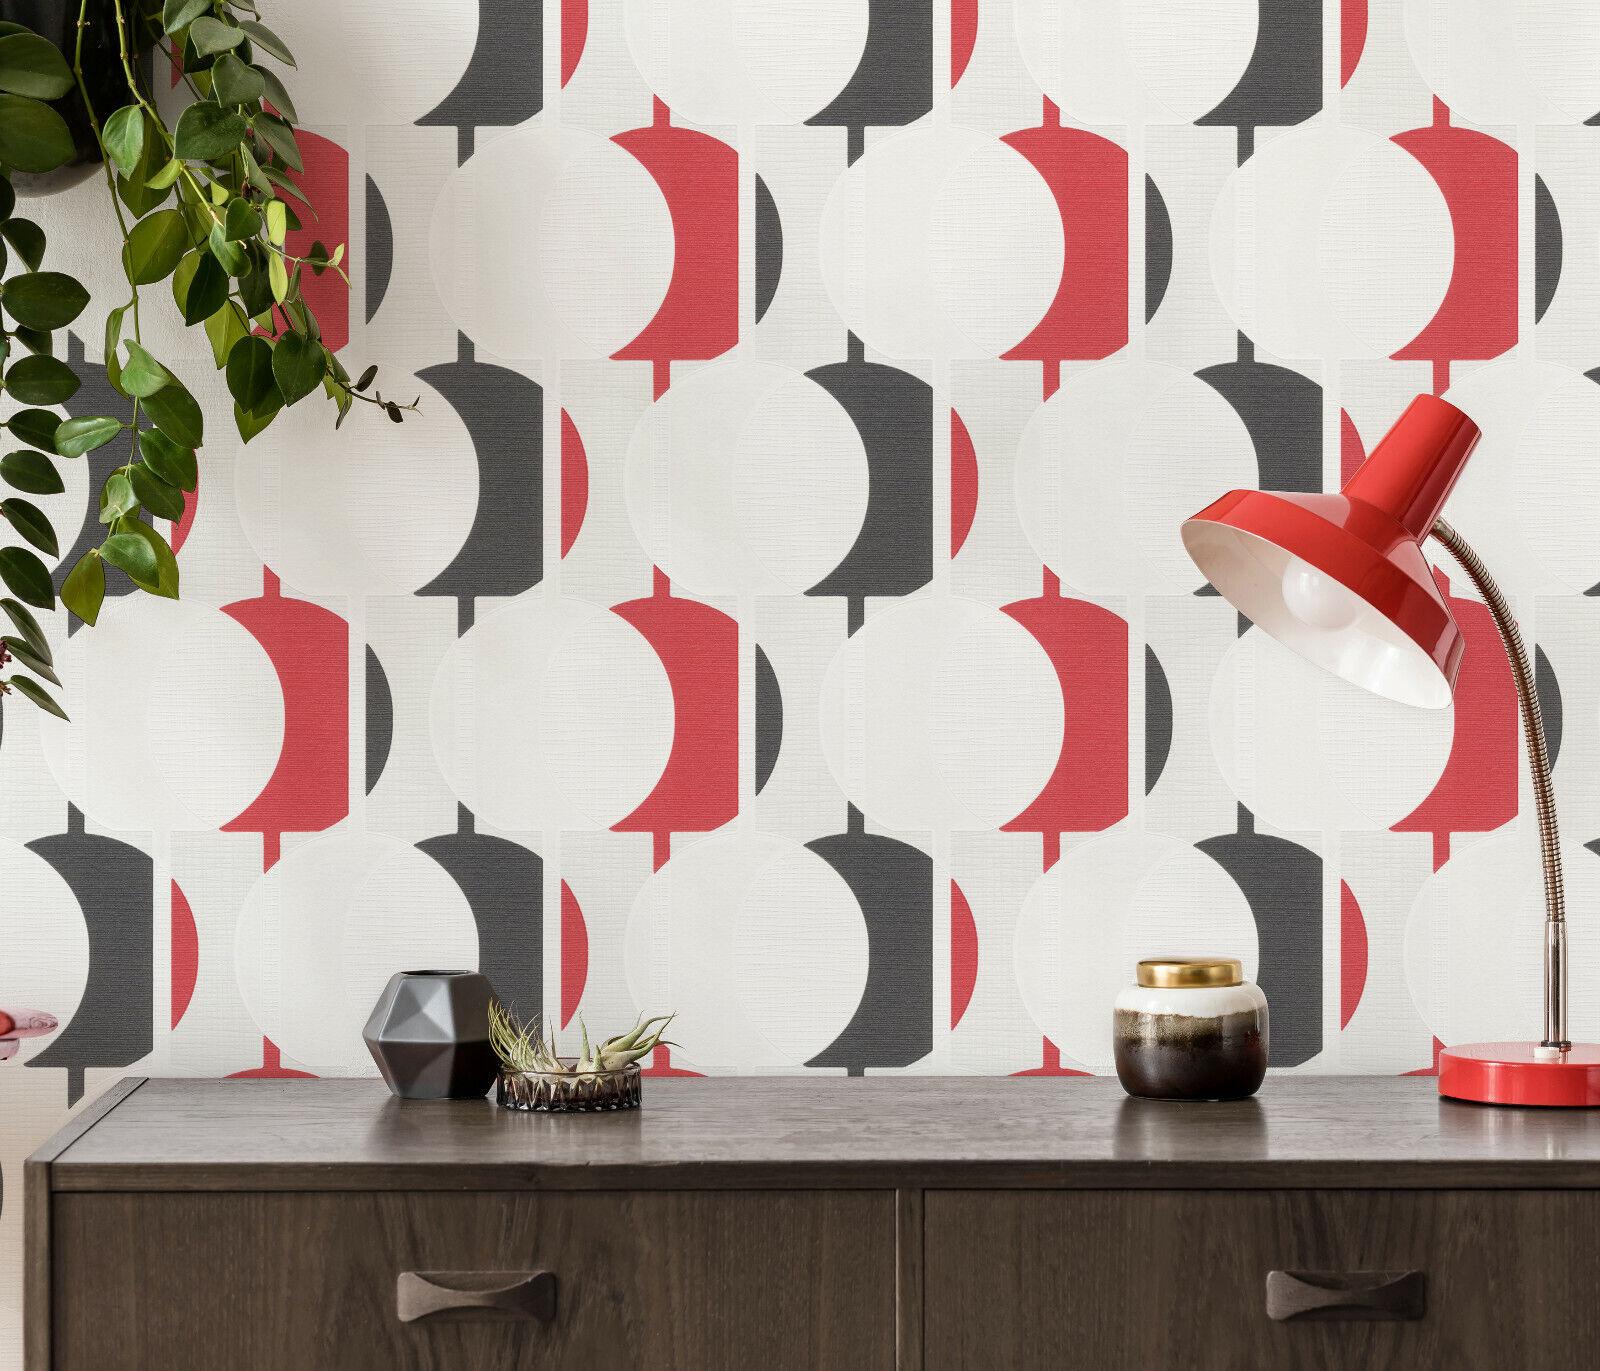 Vlies Tapete Retro Kreise Struktur rot schwarz weiß grau ...